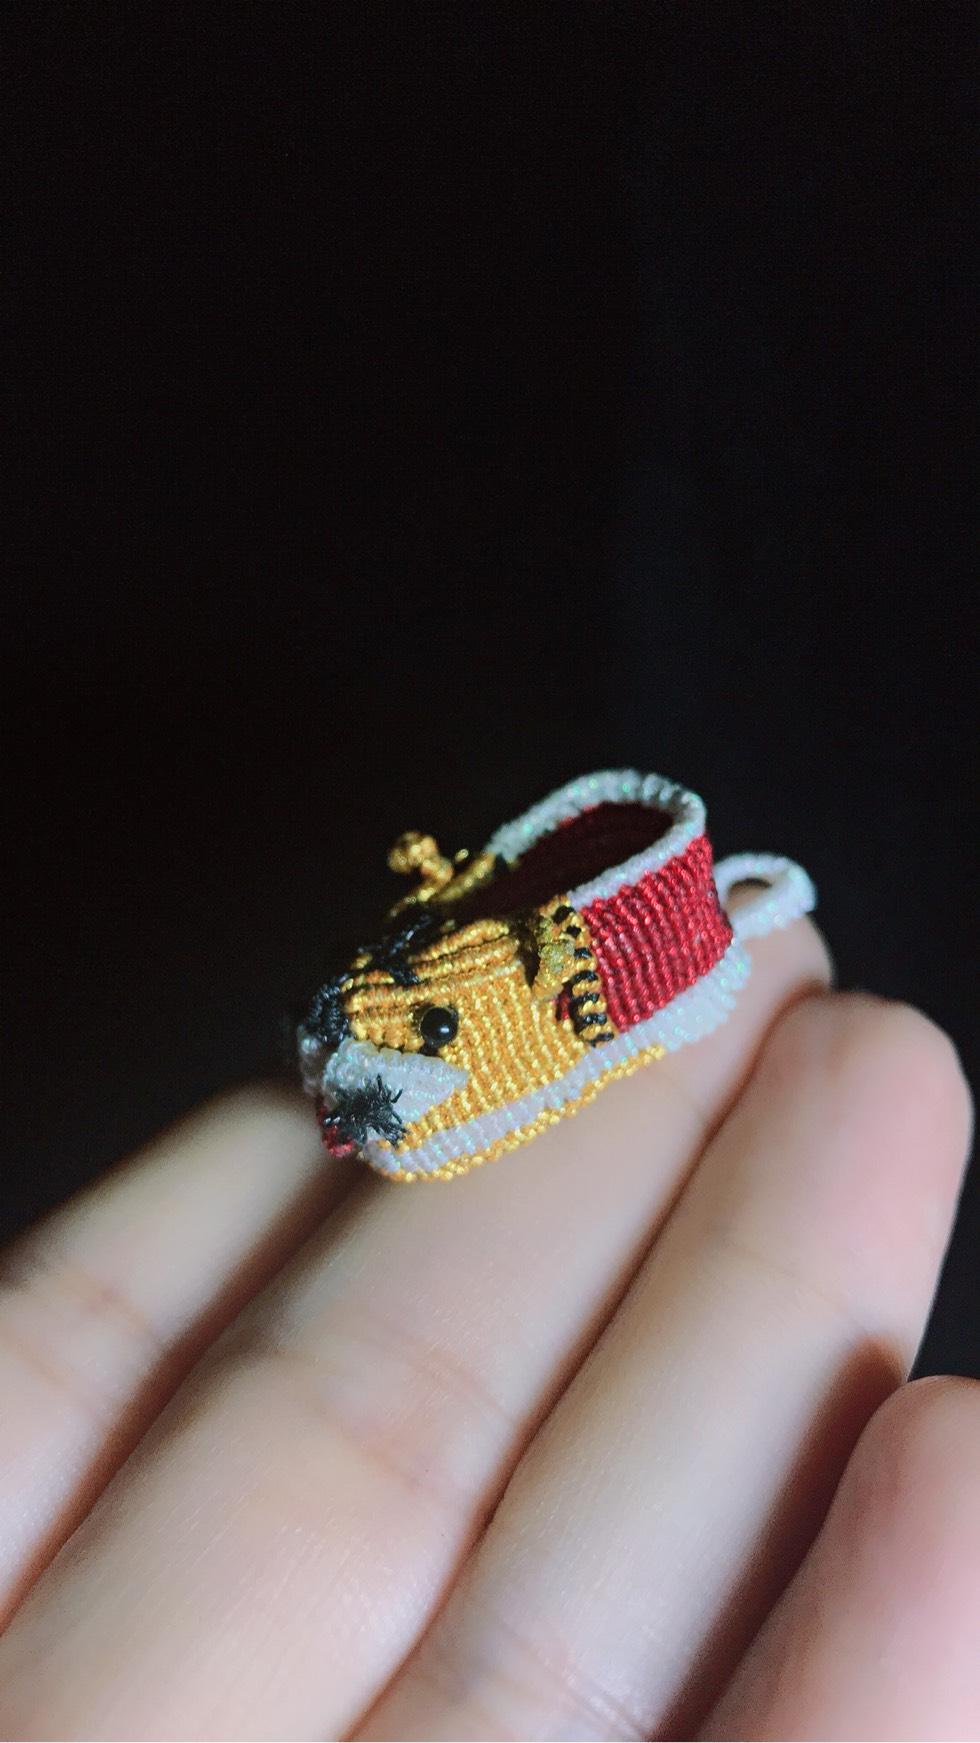 中国结论坛 根据塔顶的猫老师的教程做的虎头鞋,非常感谢老师的教程! 教程,虎头鞋教程,虎头鞋的传说,虎头鞋的由来,虎头鞋虎头帽的寓意 作品展示 082636u32b1p218bps1t12